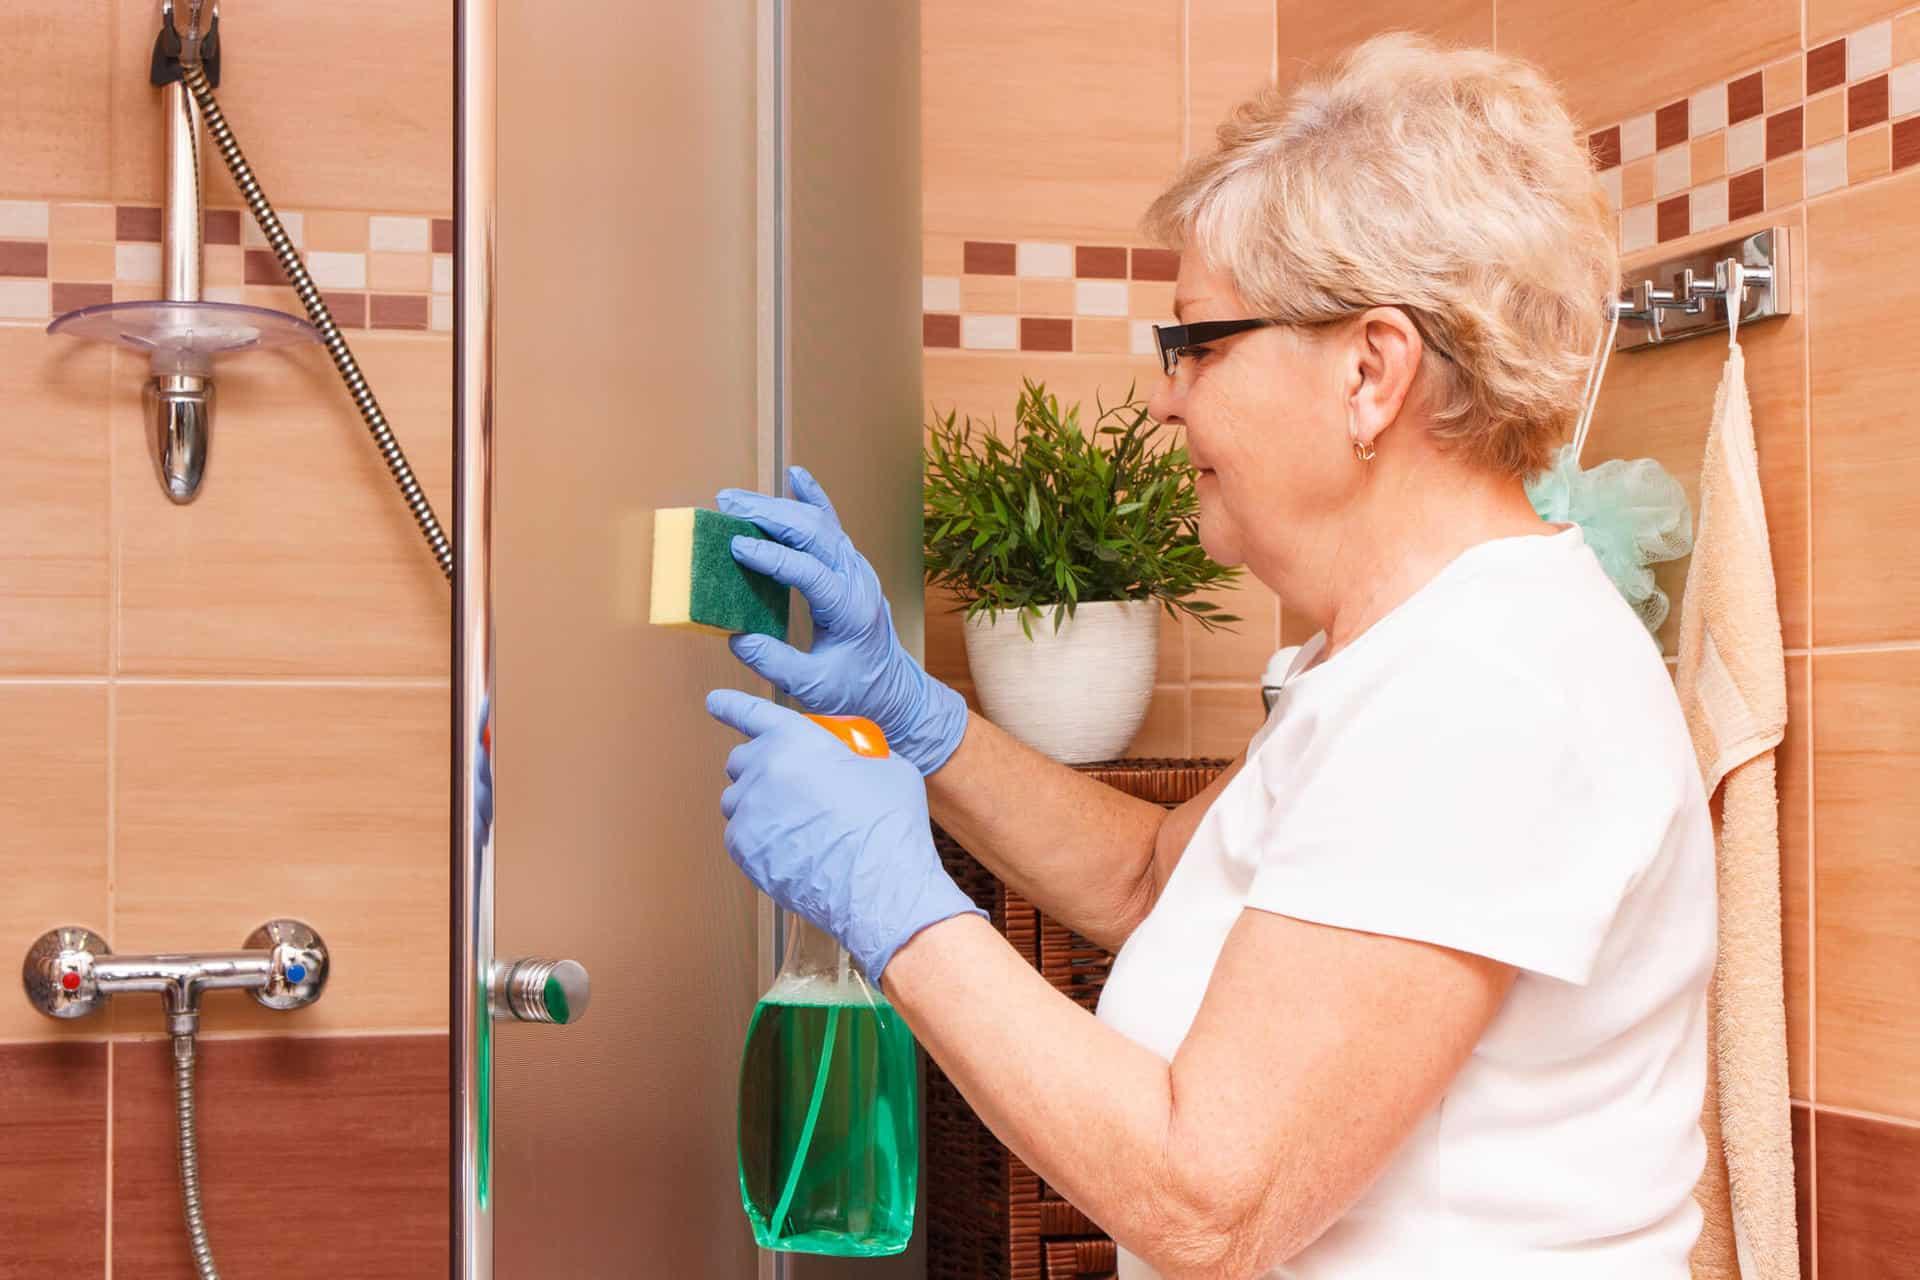 Como limpar blindex? Dicas e truques práticos